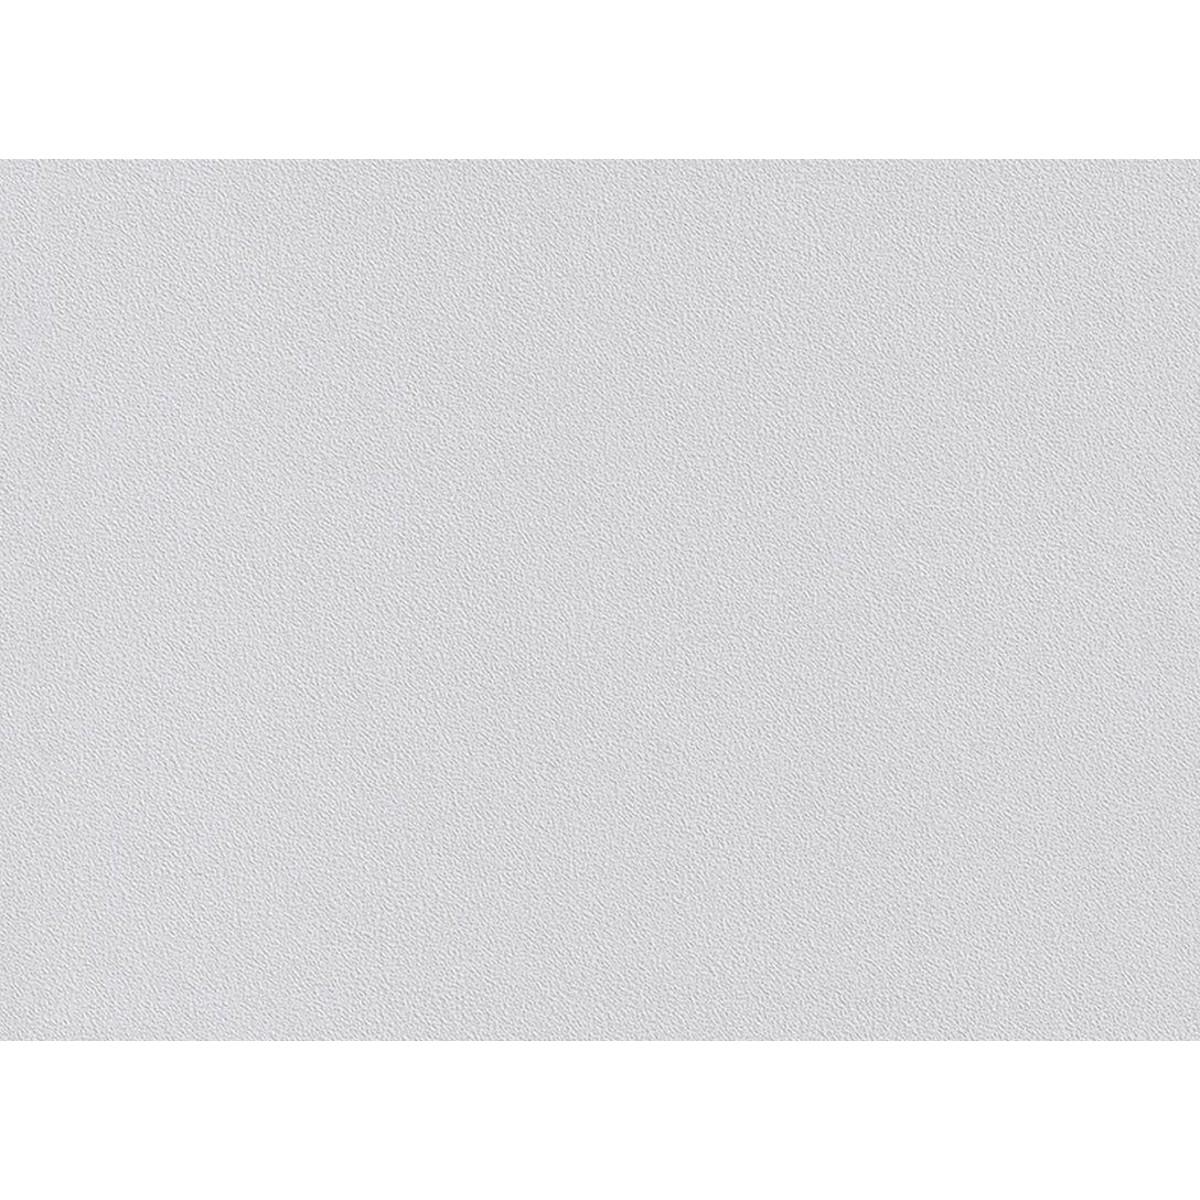 Обои флизелиновые Erfurt белые 1000538 0.75 м